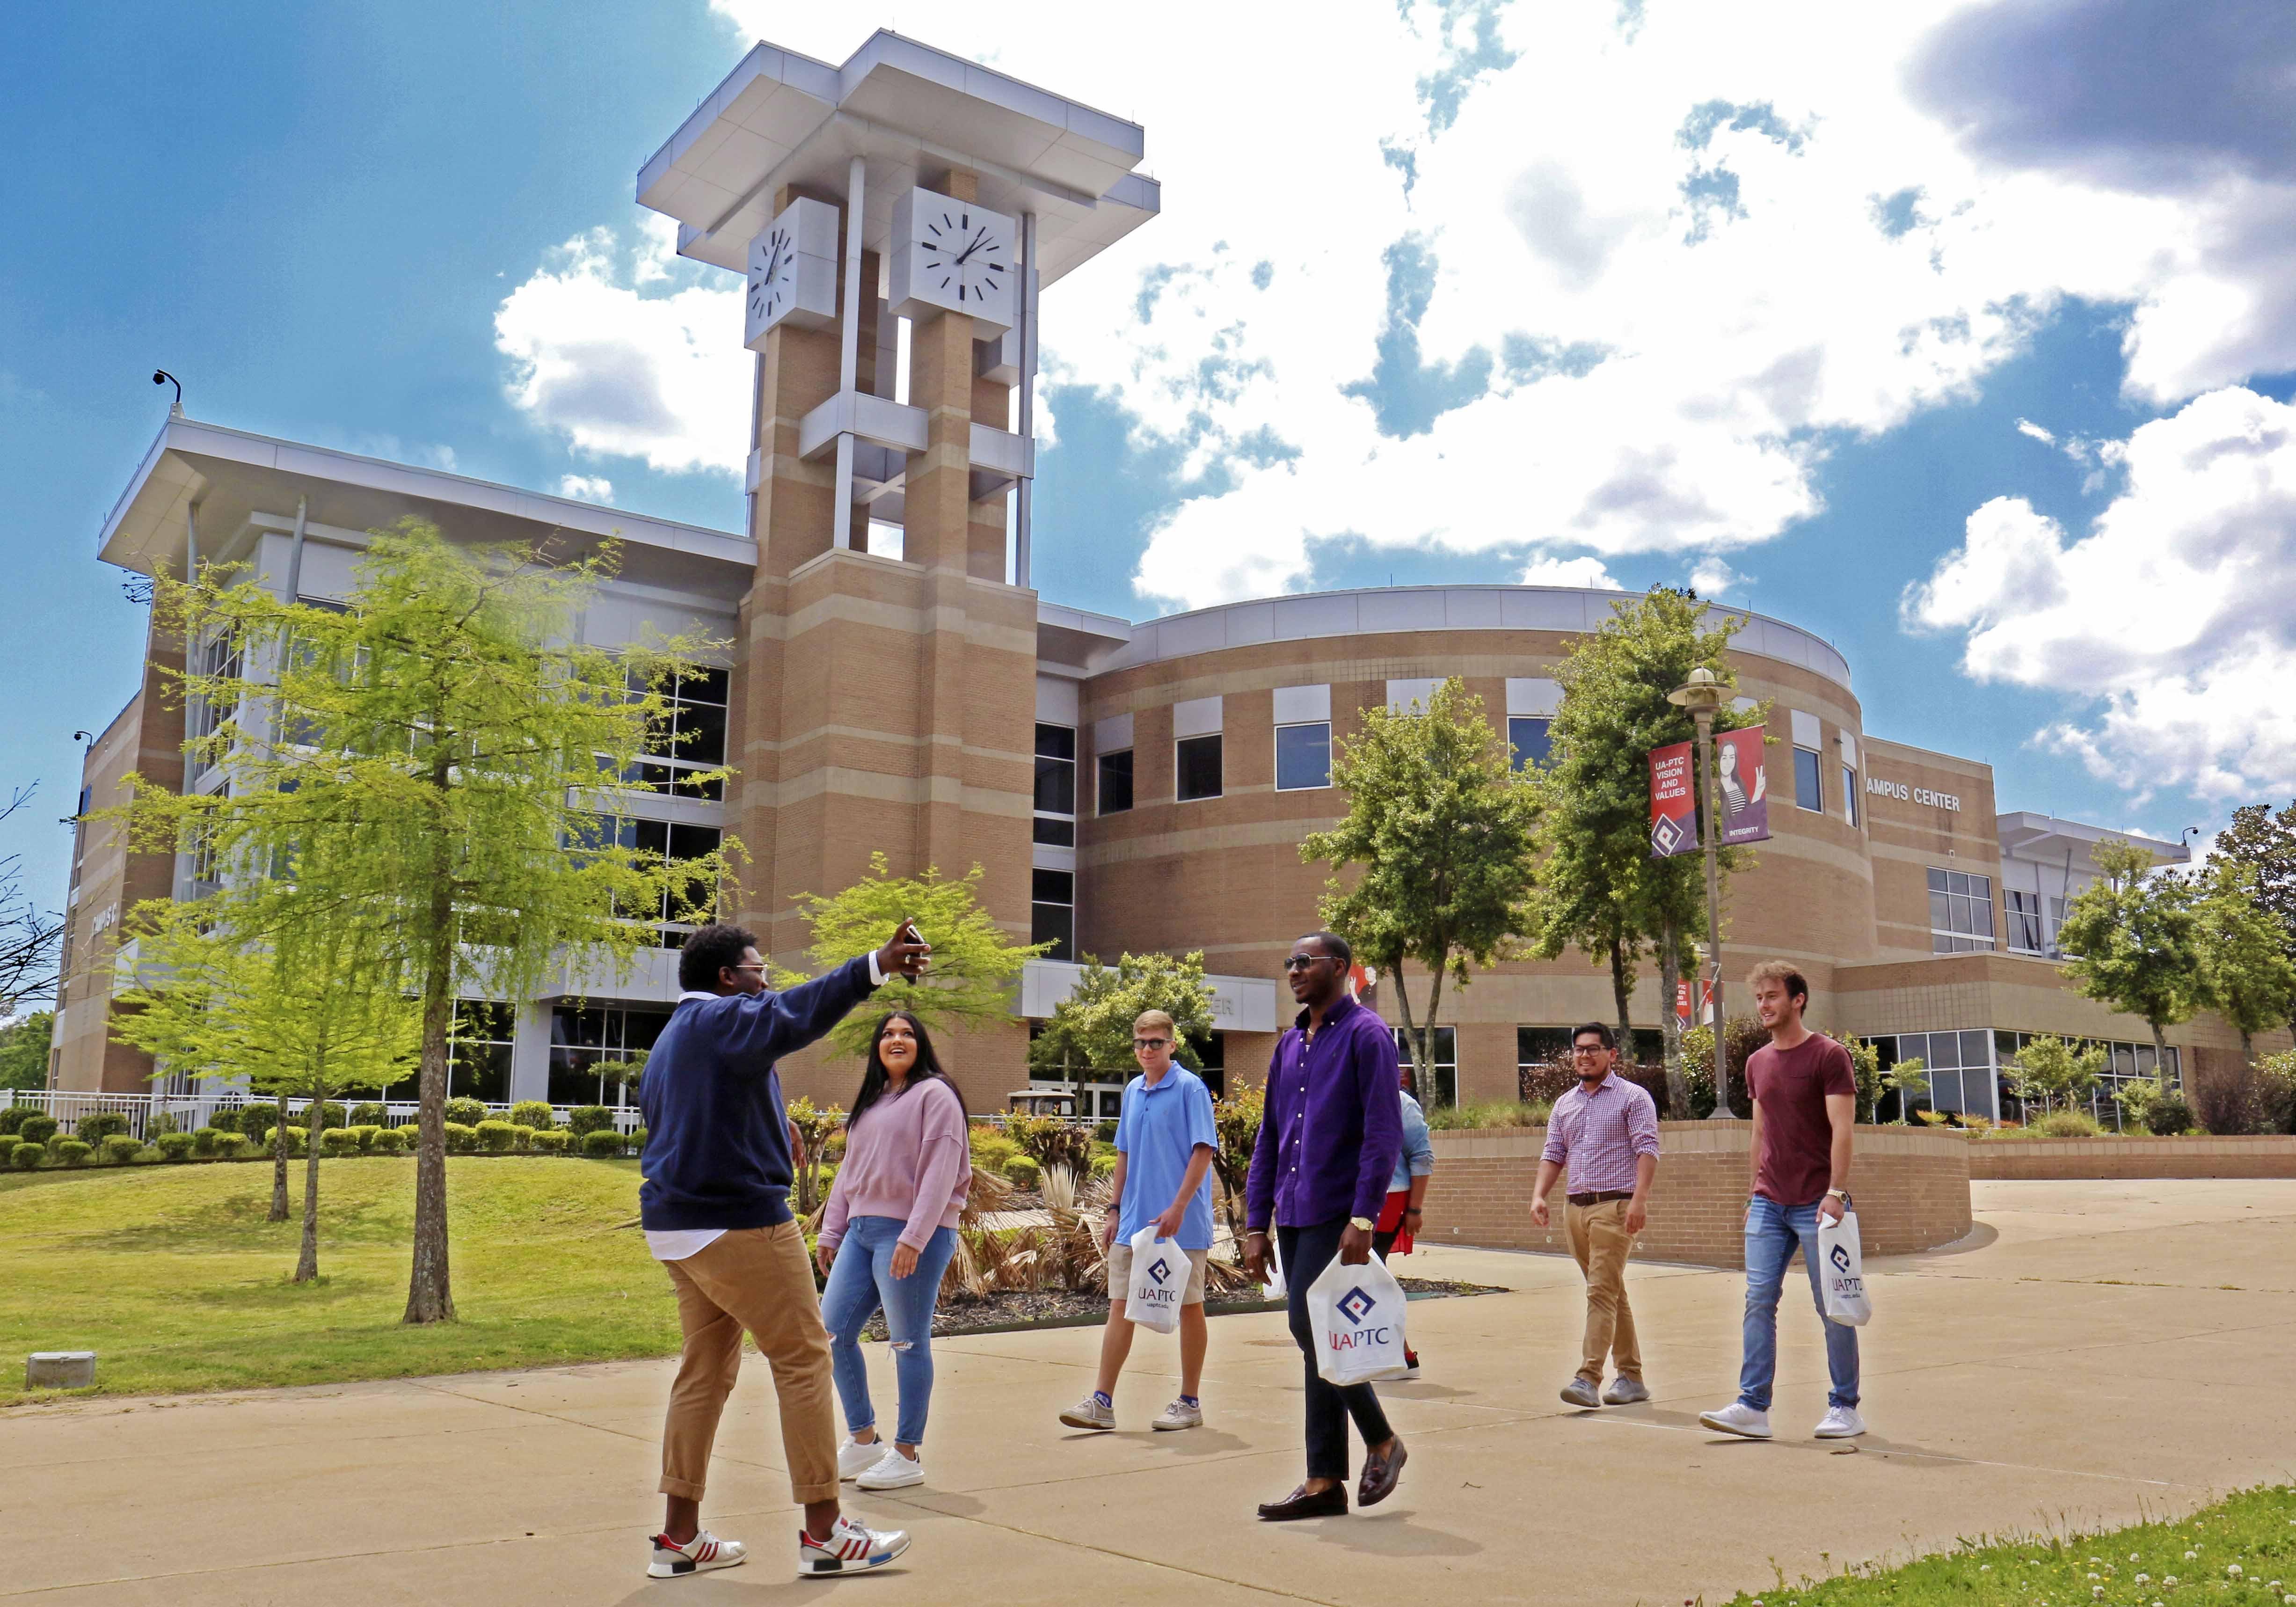 Schedule a tour at UA-PTC